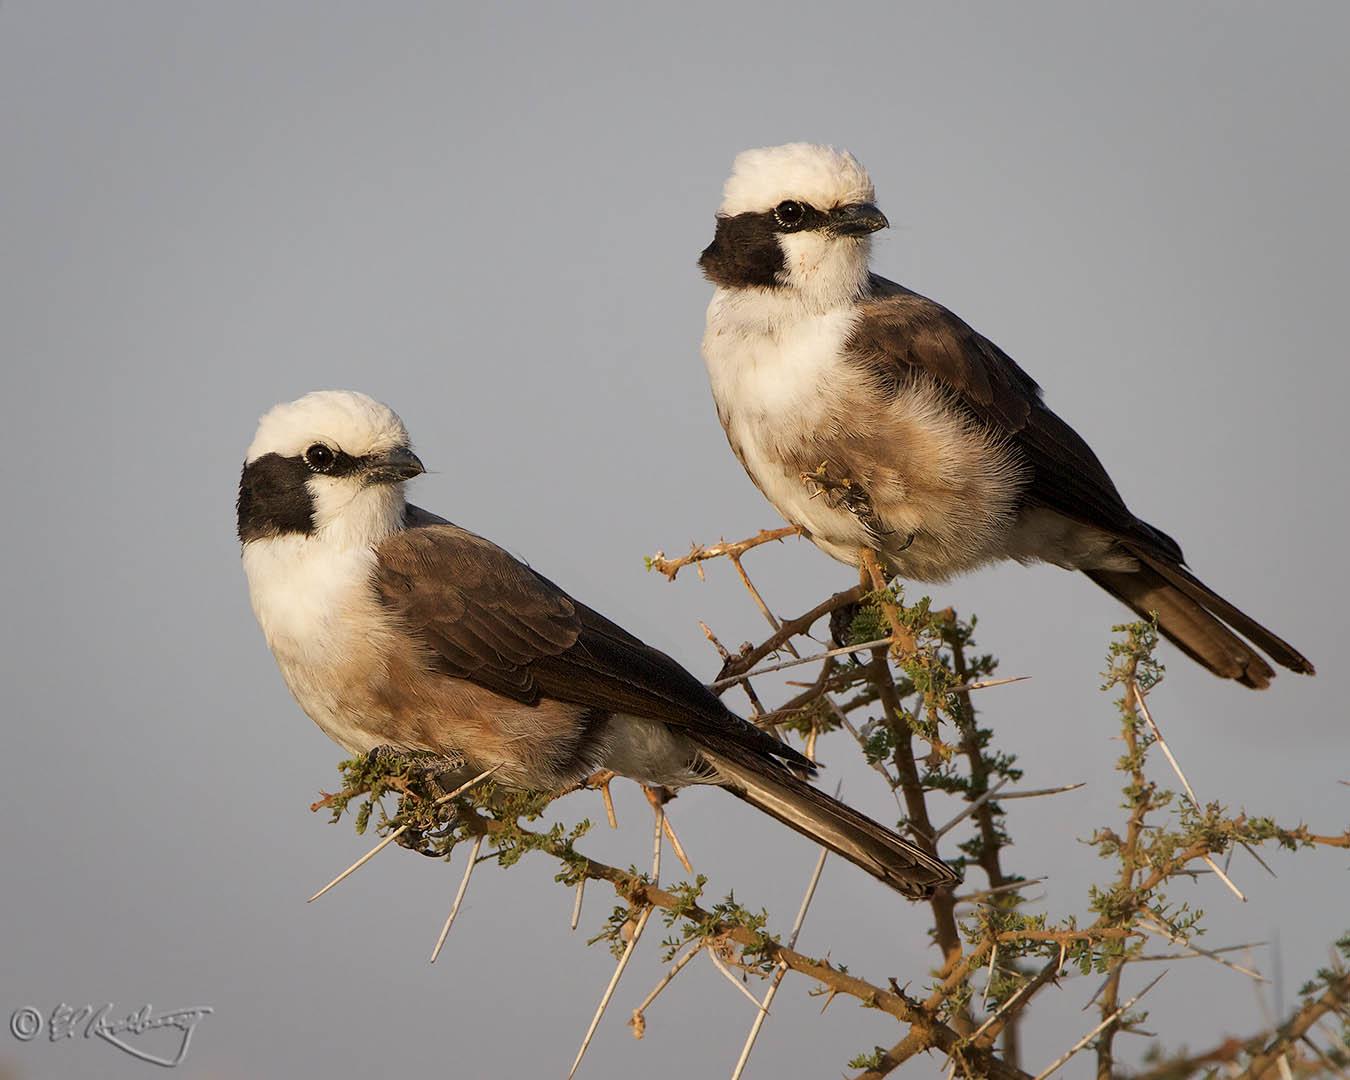 White-crowned_Helment_Shrike_pair